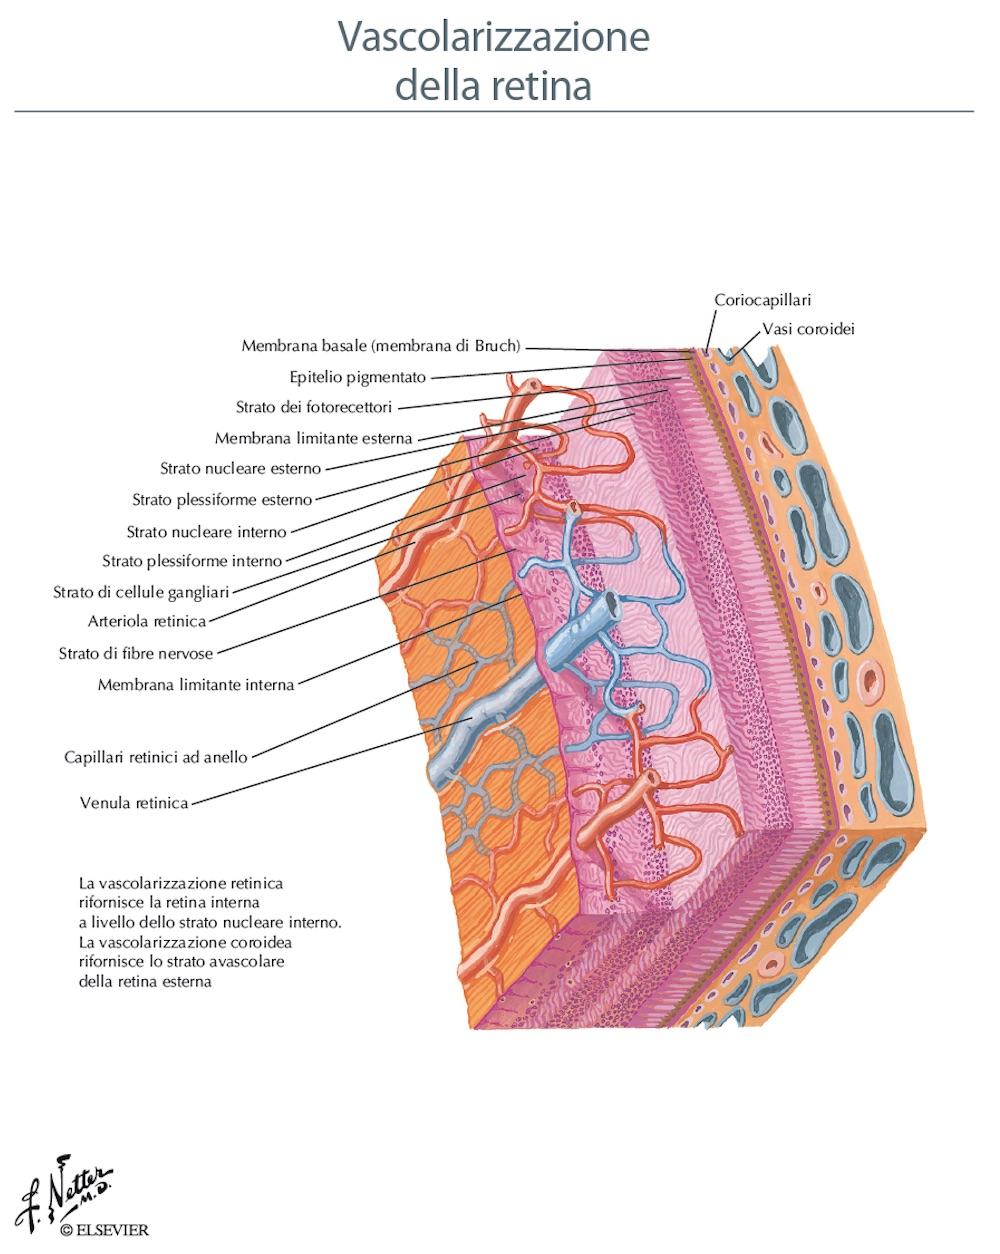 Anatomia vascolare della retina